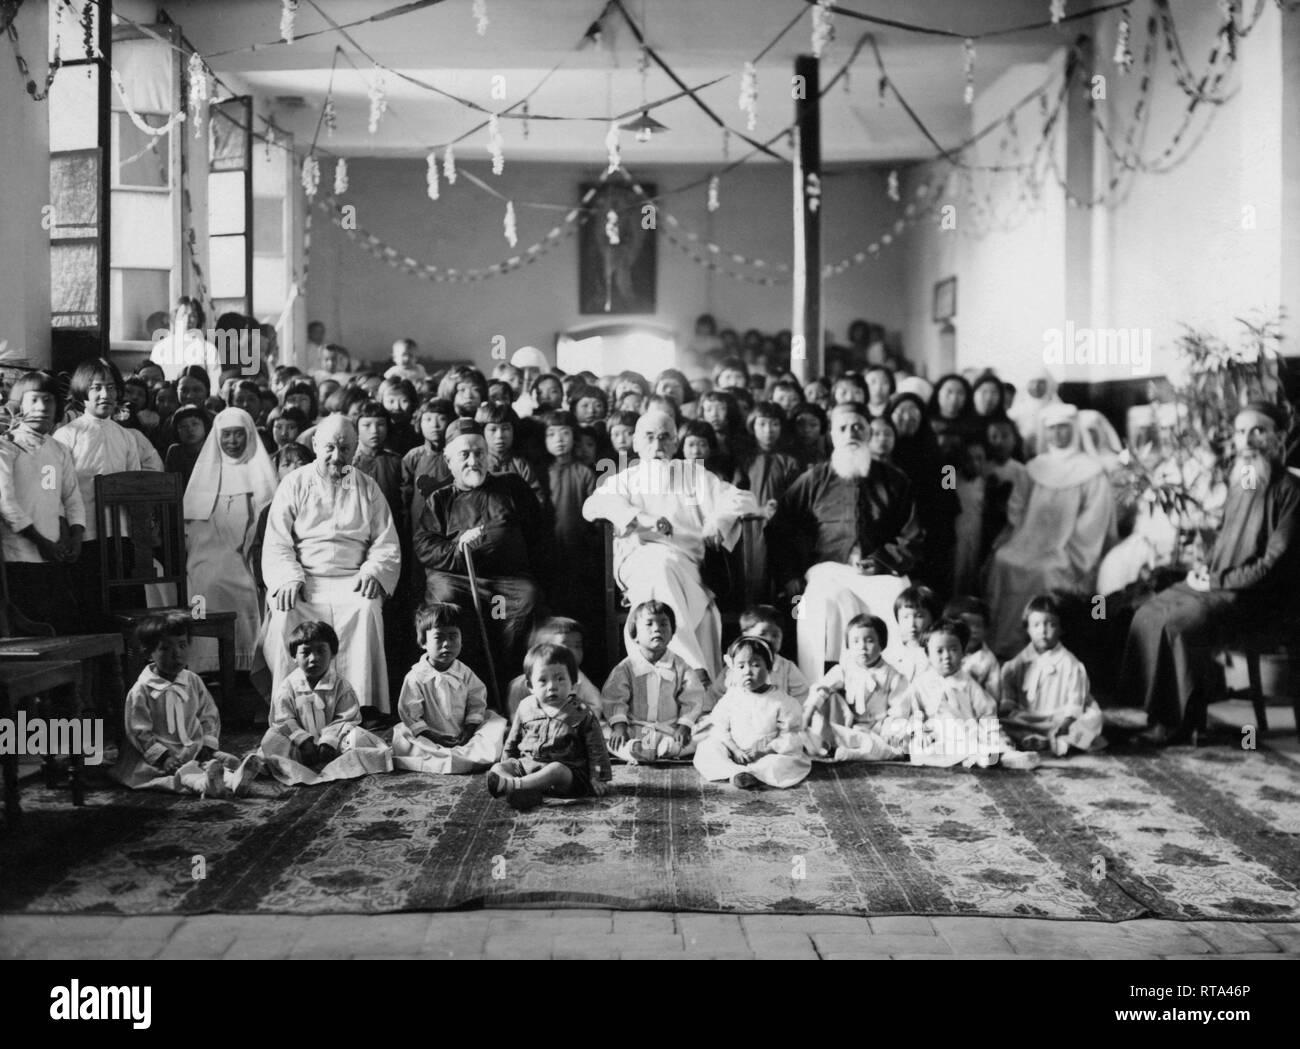 Mission der Franziskaner in China, Monsignore agabito Fiorentini mit der Missionsschwestern von Maria, China 1930-40 Stockbild